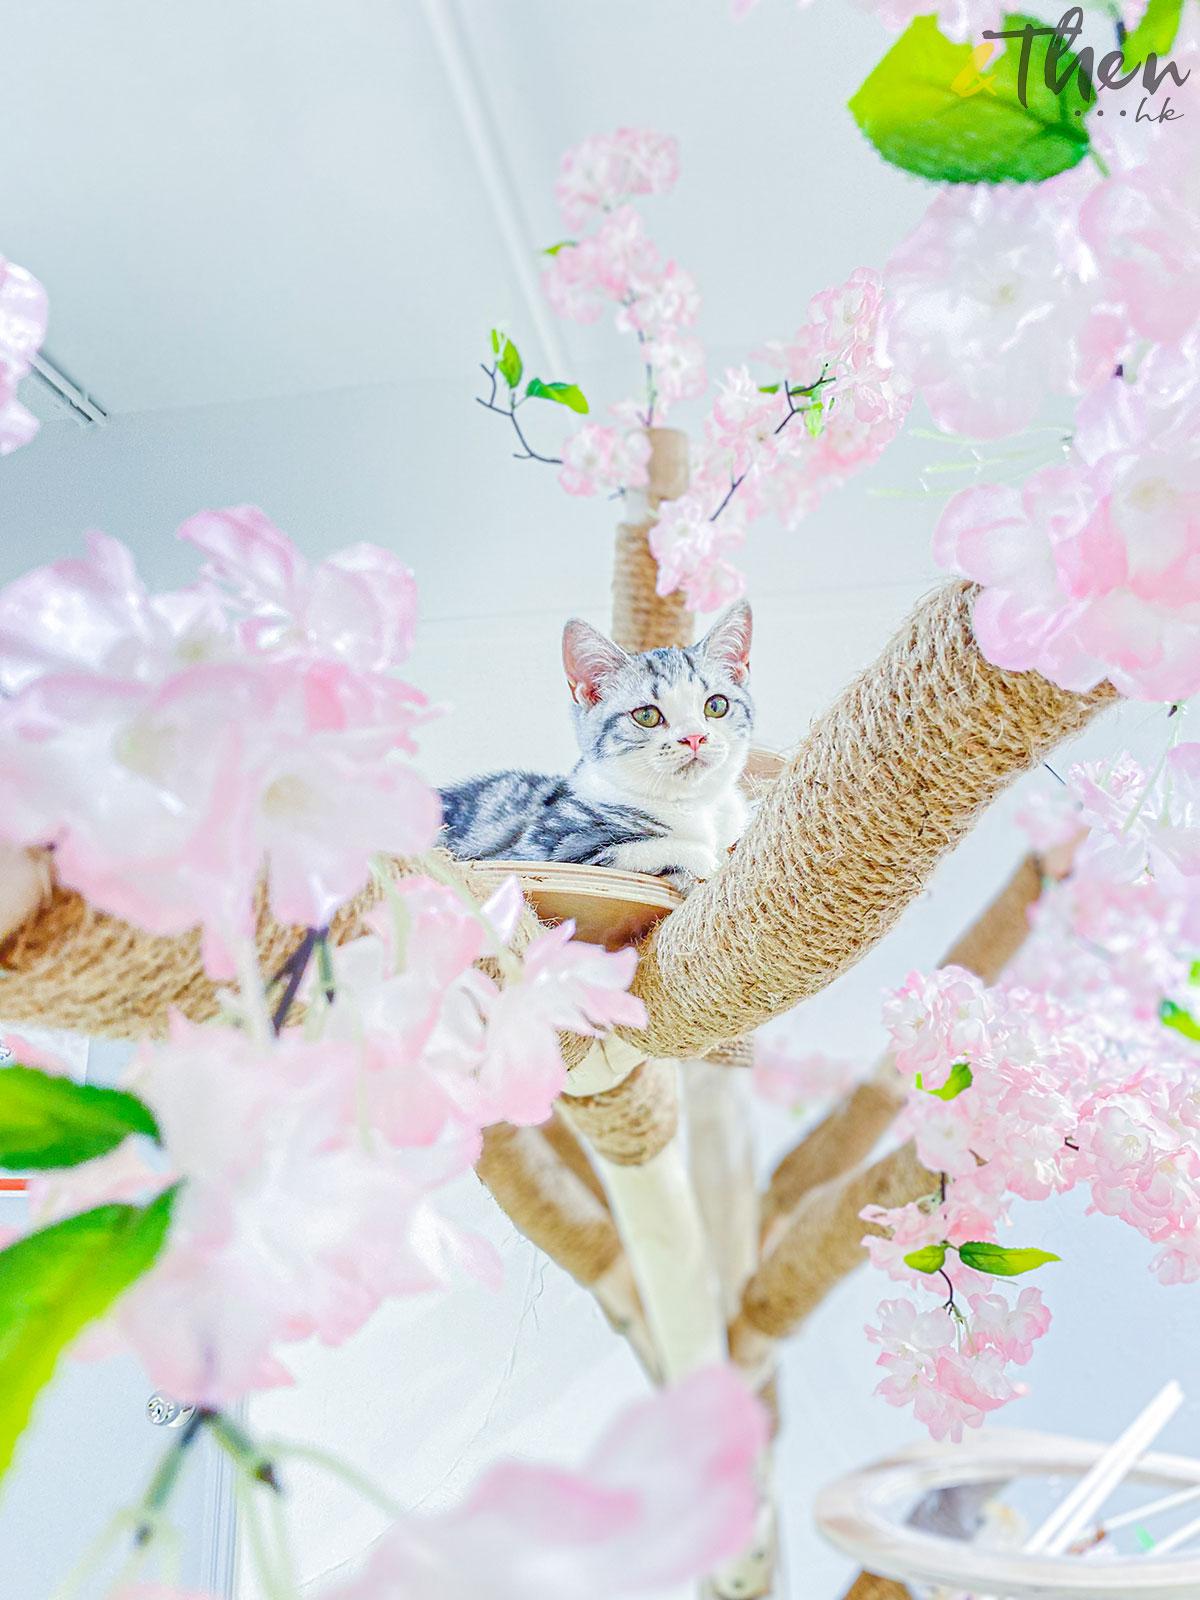 貓奴 寵物 貓Cafe 良心小店 荔枝角 主子 Catio 貓樹 攝影